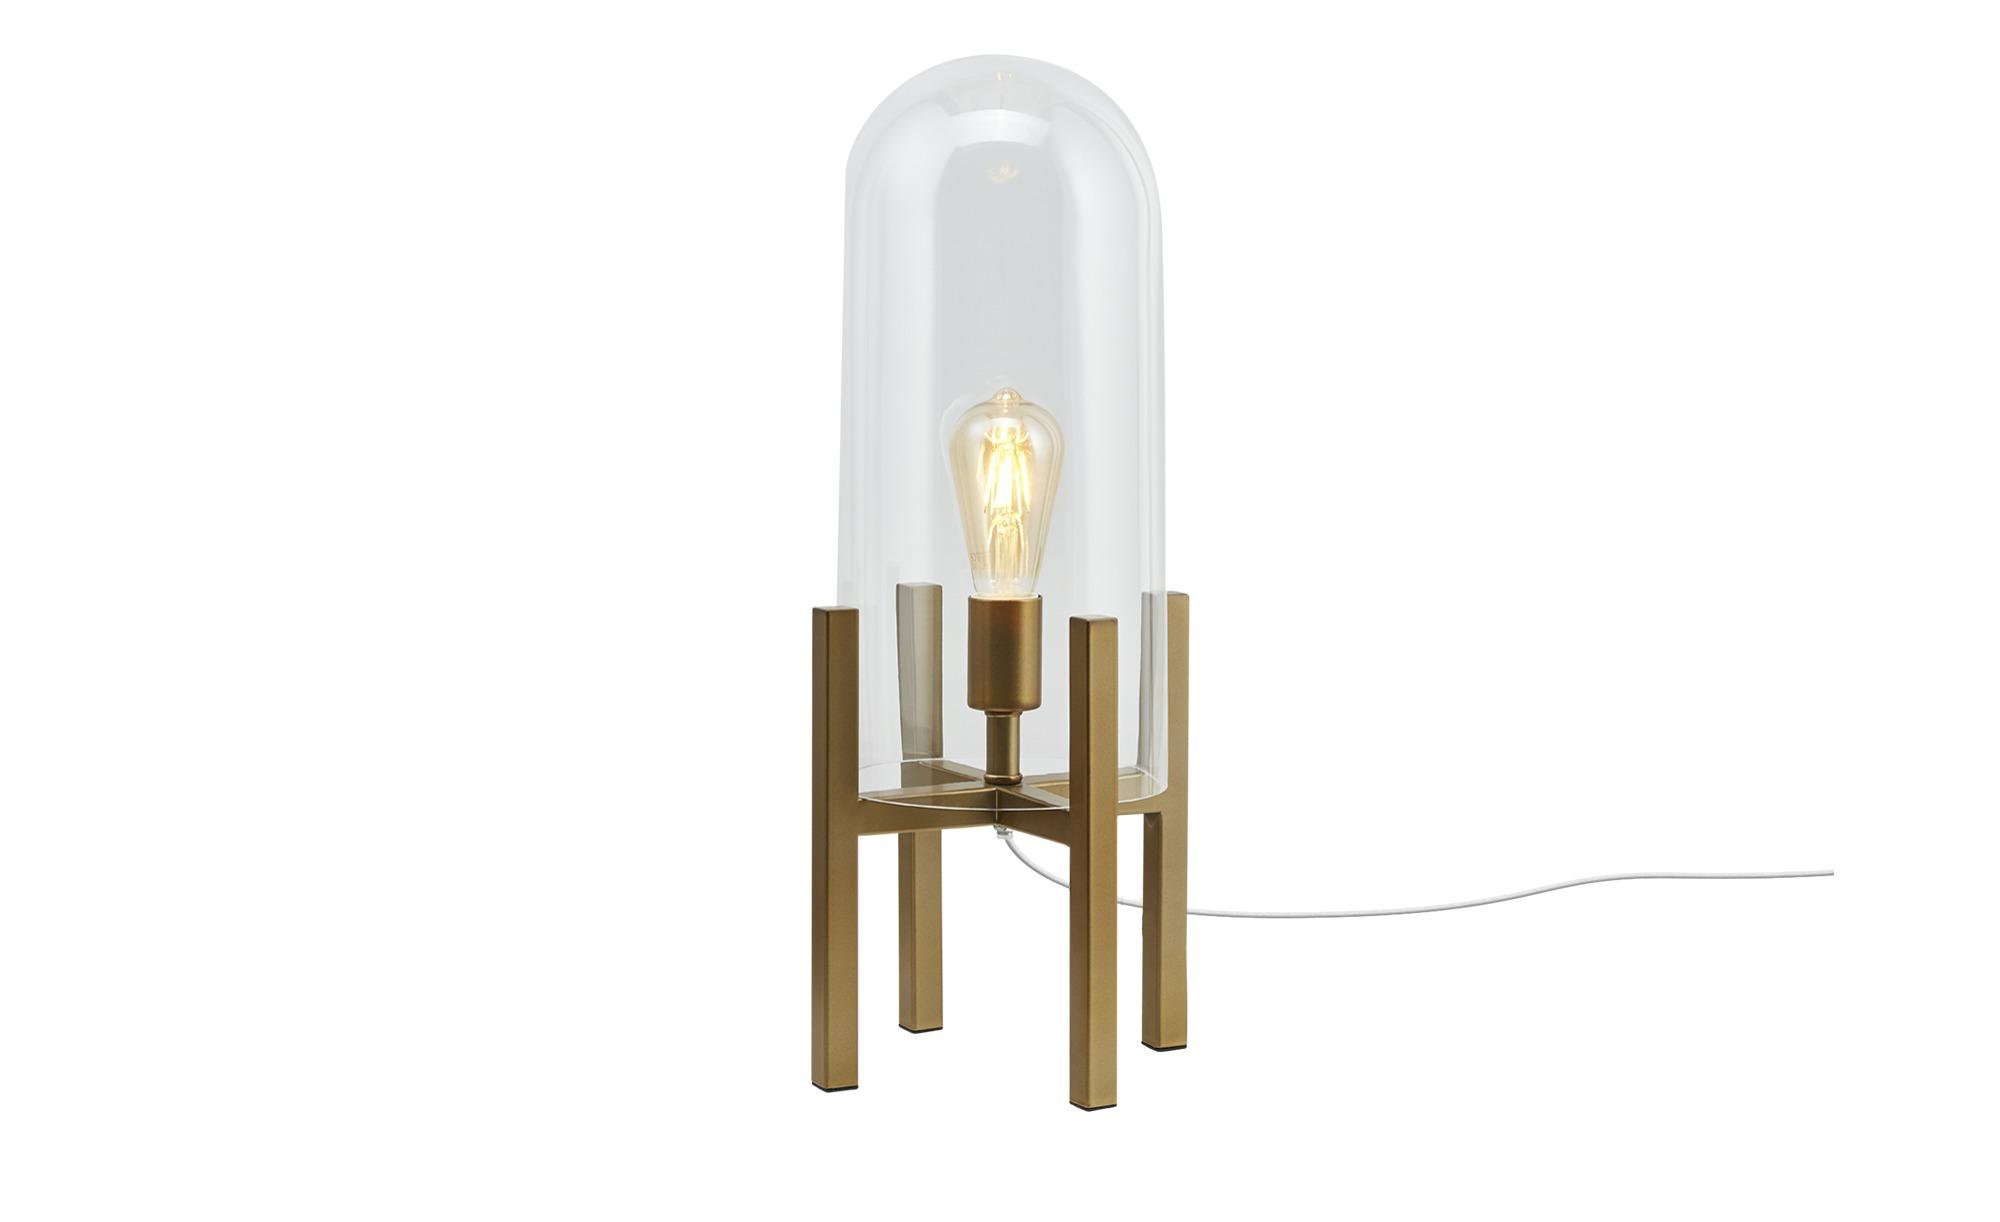 HOME STORY Stehleuchte, 1-flammig, messing-antik ¦ gold ¦ Maße (cm): H: 55 Ø: 22.5 Lampen & Leuchten > Innenleuchten > Tischlampen - Höffner